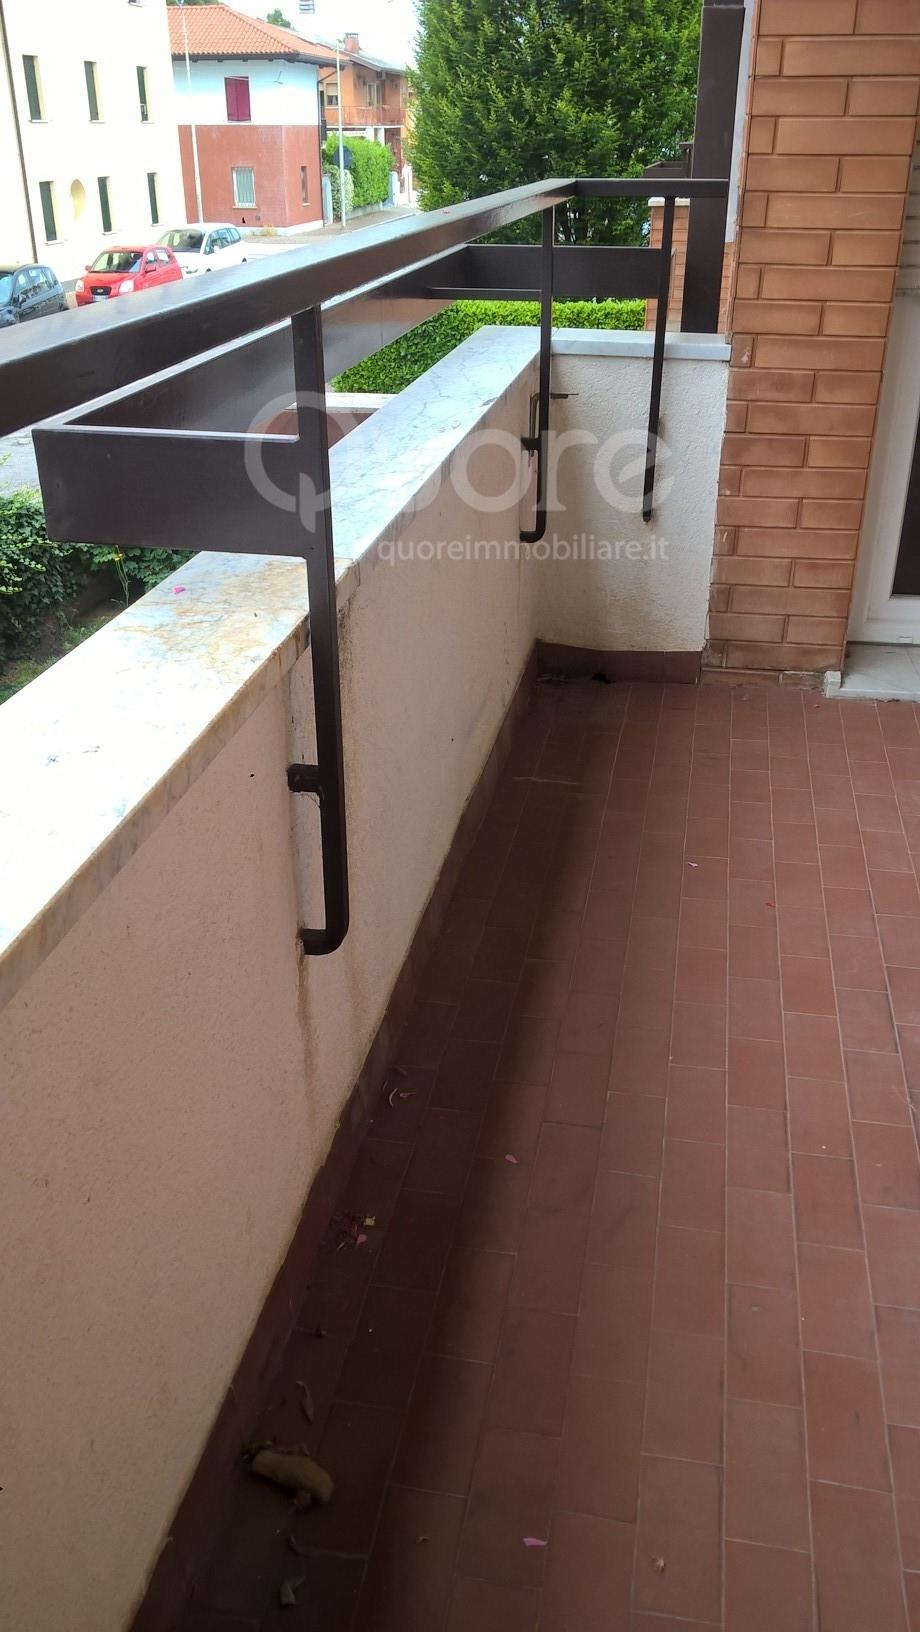 Appartamento in affitto a Udine, 3 locali, zona Zona: Semicentro, prezzo € 320 | Cambio Casa.it